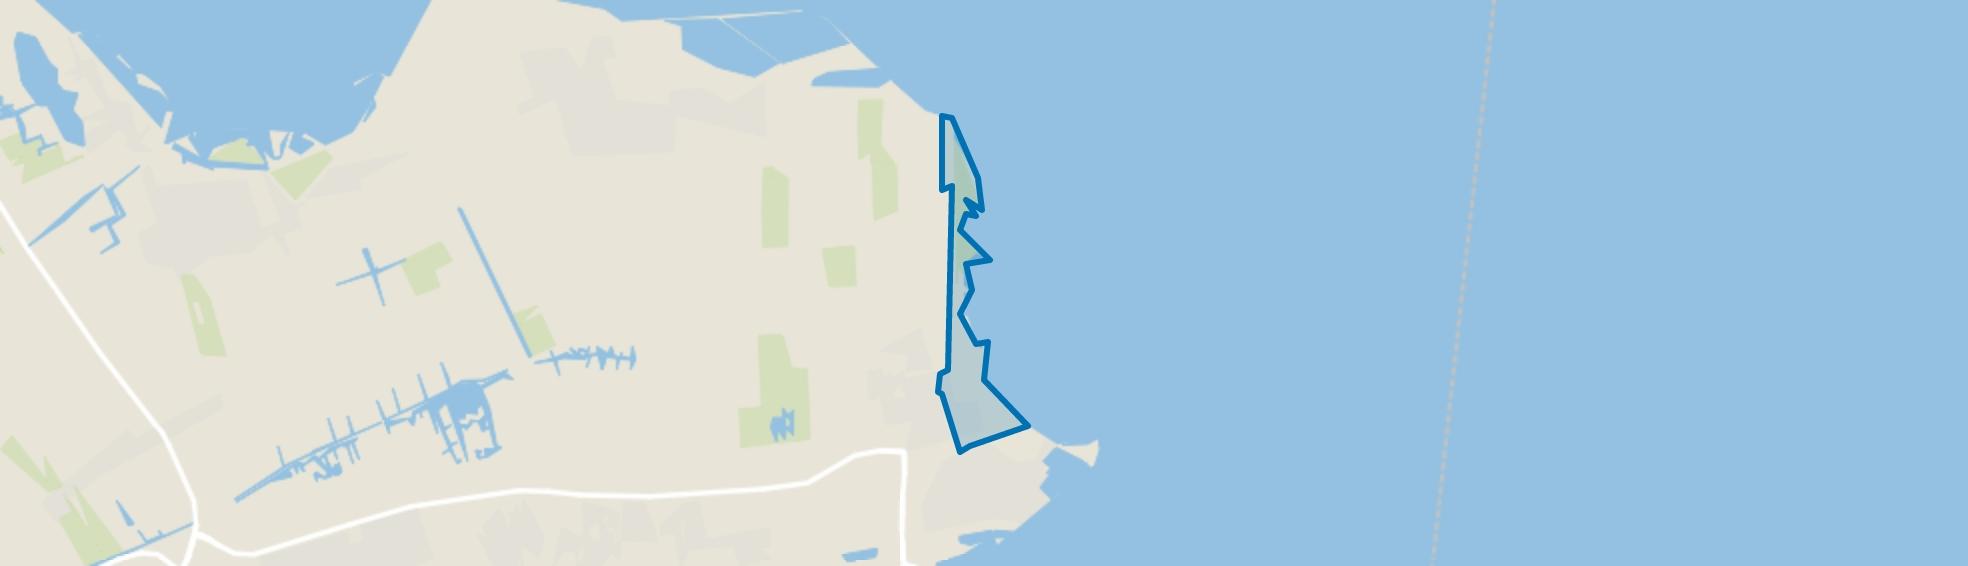 Enkhuizen-Noord, Enkhuizen map